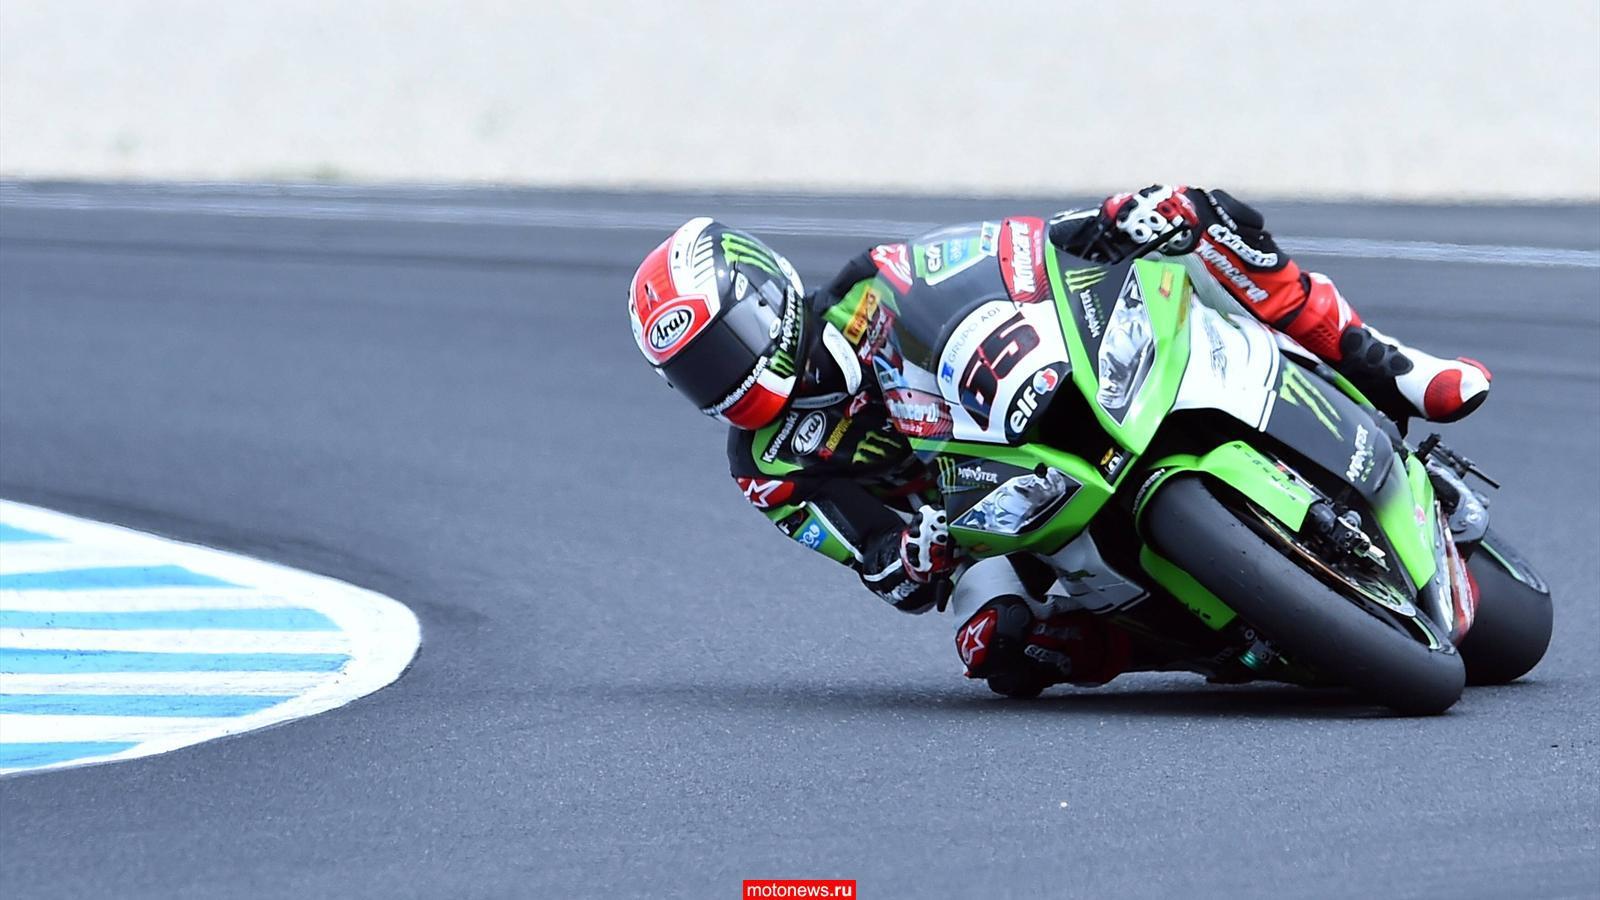 WSBK: Этап в Португалии выиграли Рэй и Клузель